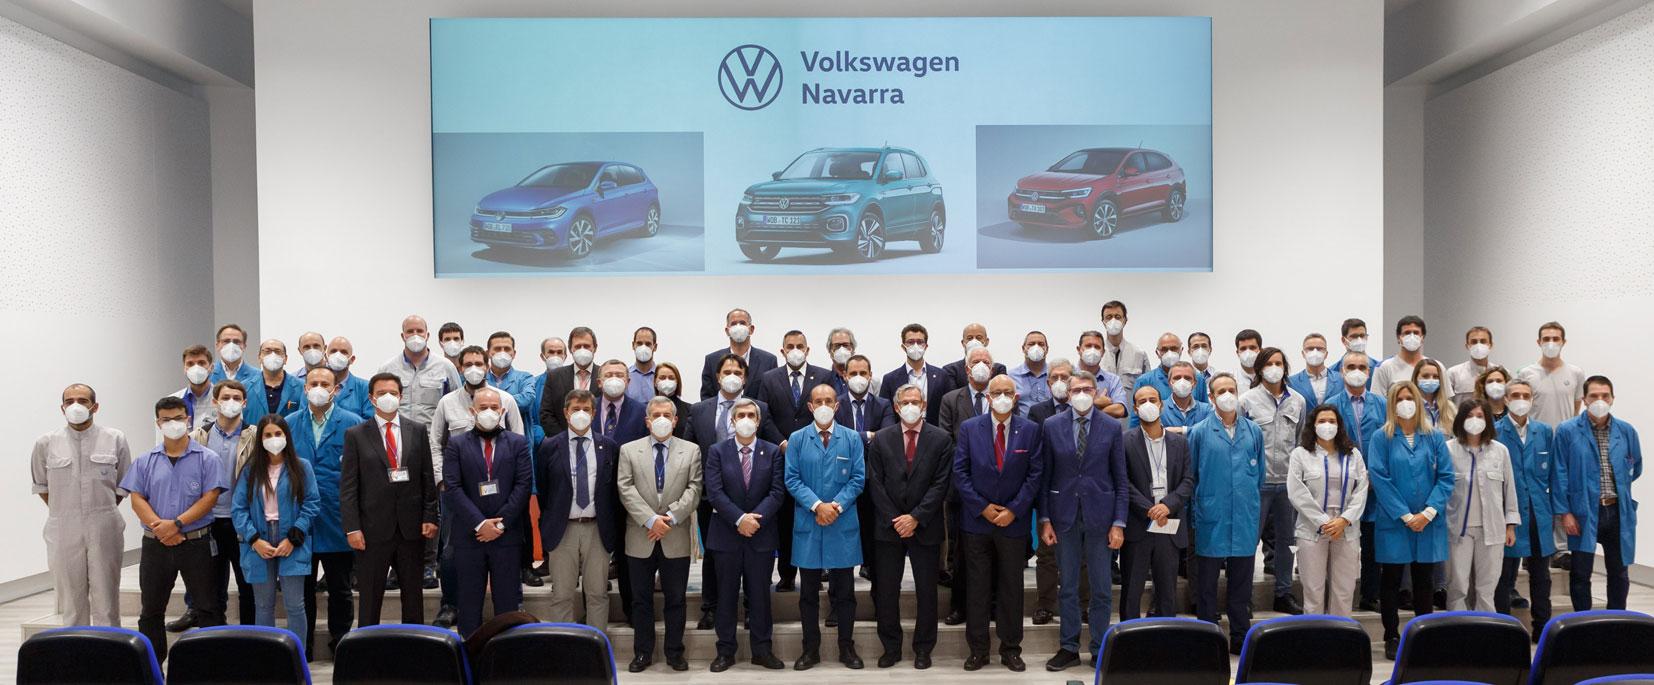 Los máximos responsables de la ingeniería industrial de España y Portugal visitan Volkswagen Navarra